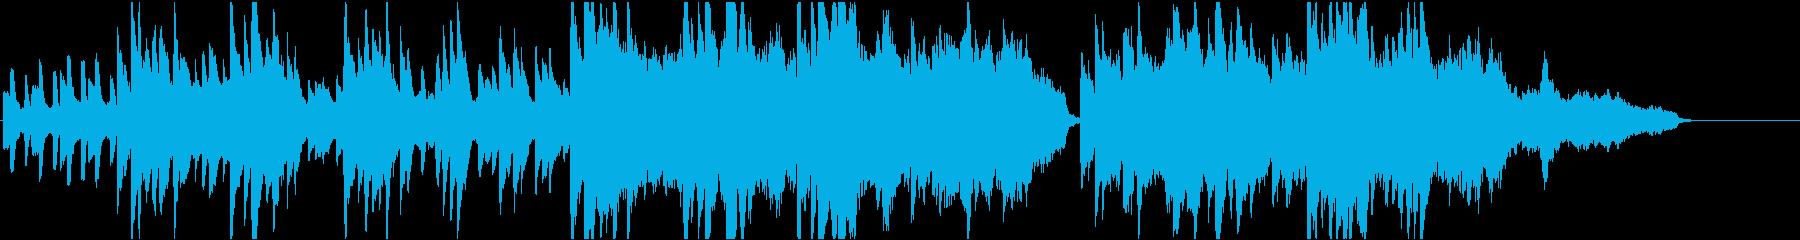 企業VP32 16bit48kHzVerの再生済みの波形